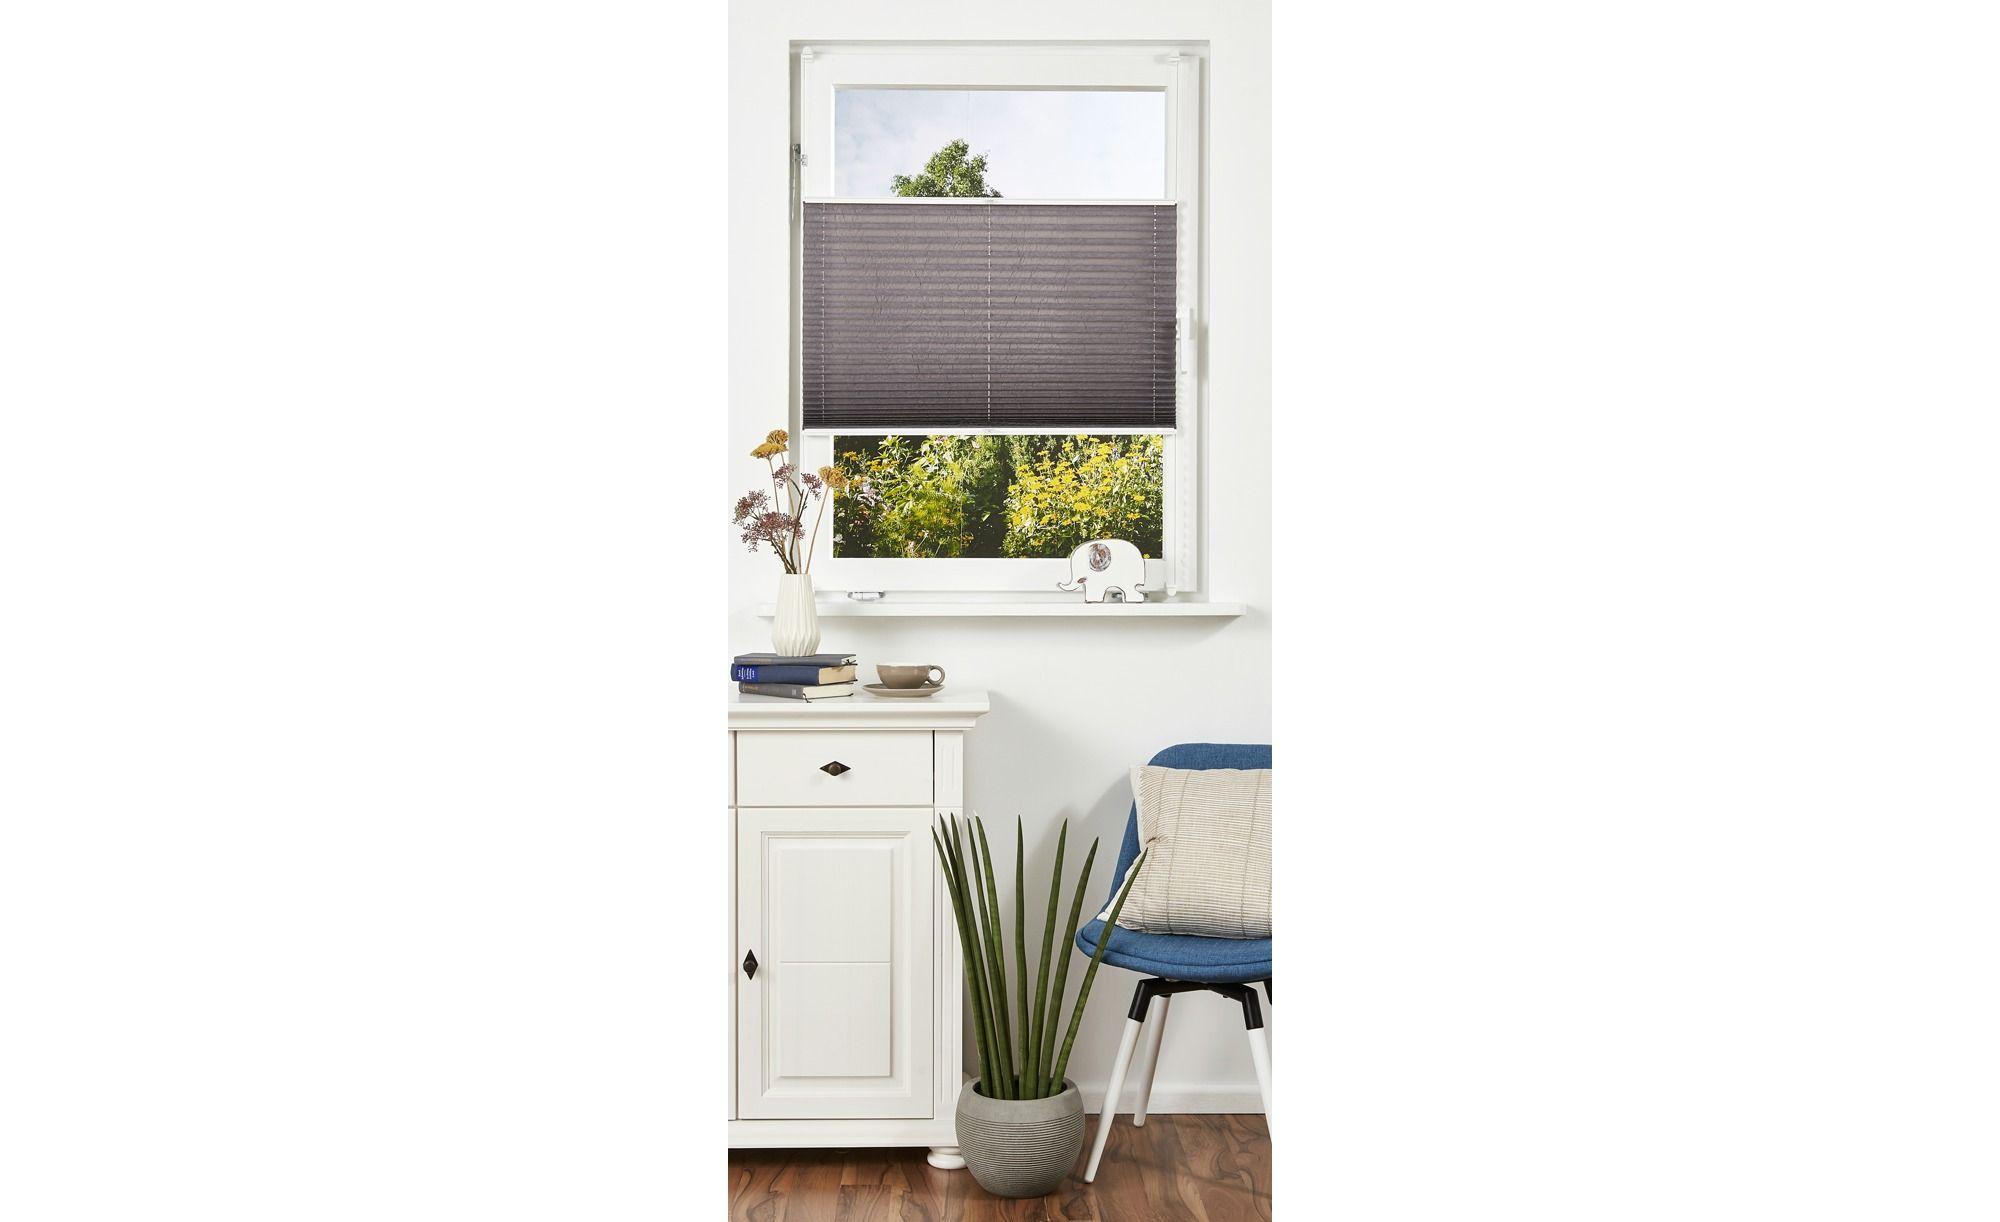 Schoner Wohnen Klemmfix Plissee Wing Mit Bildern Schoner Wohnen Klemmfix Plissee Dachfenster Gunstig